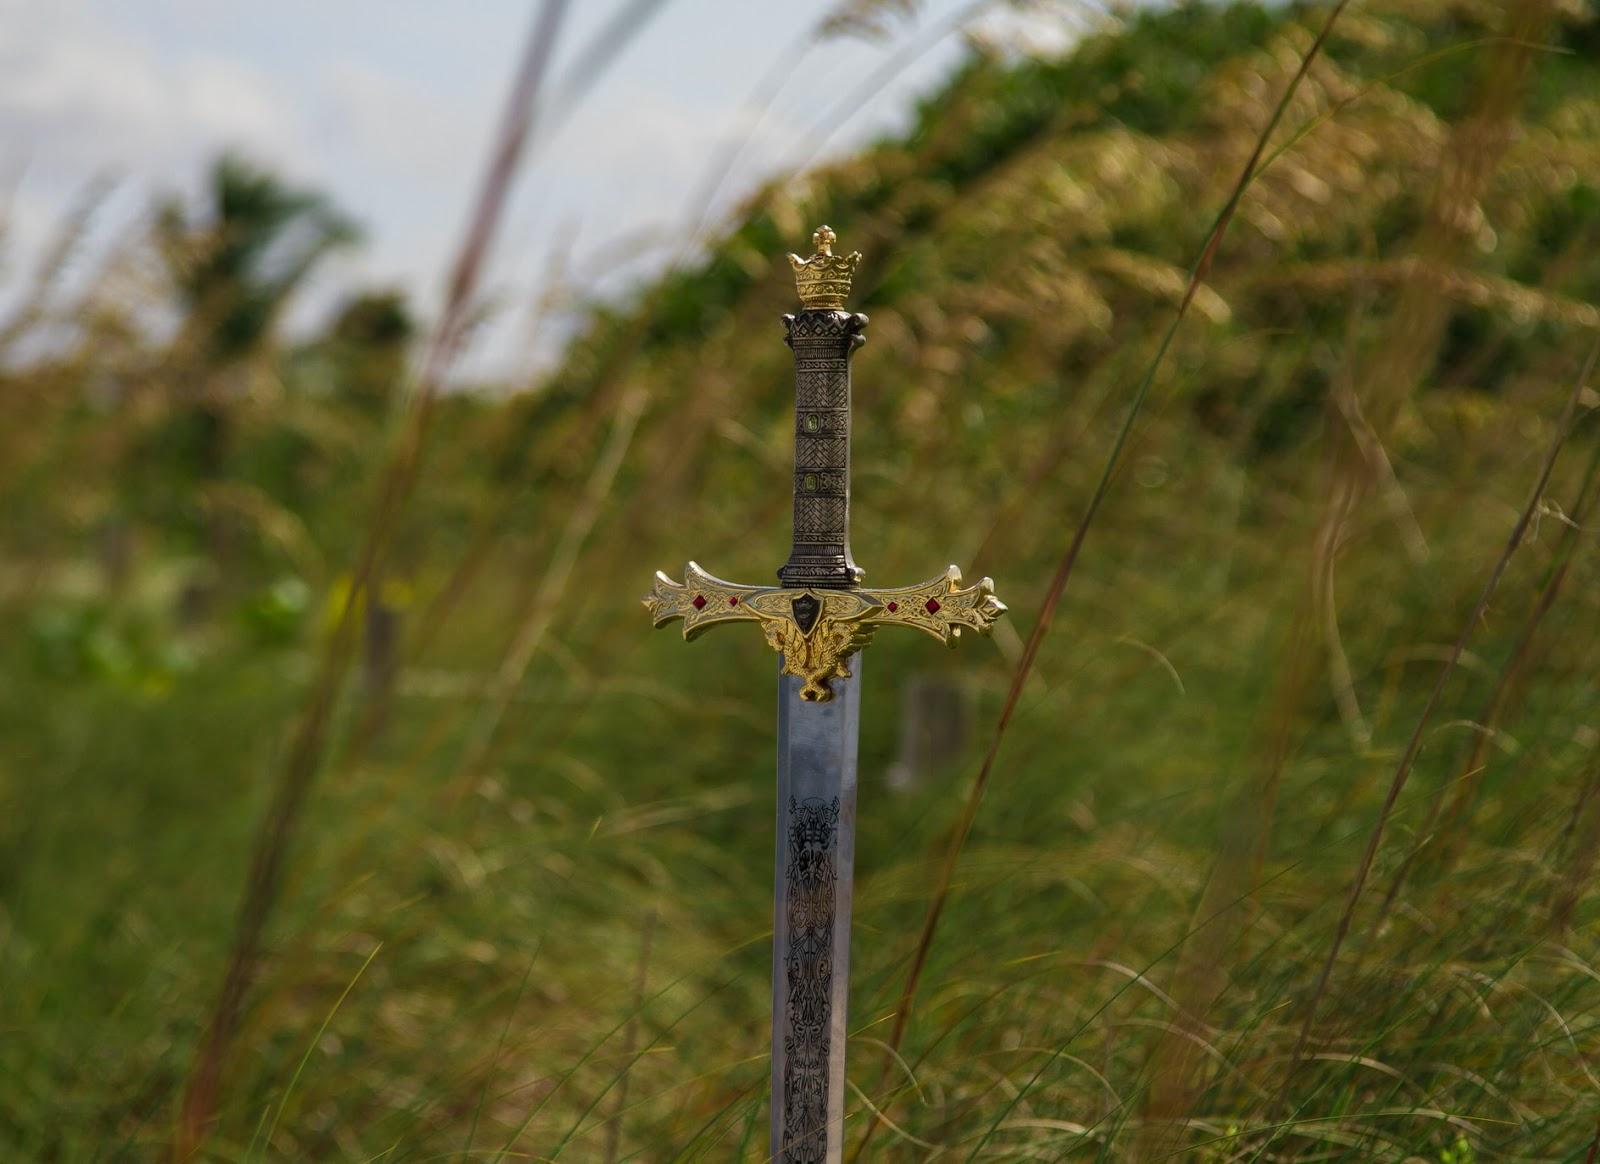 miecz bohater postacie brandon sanderson